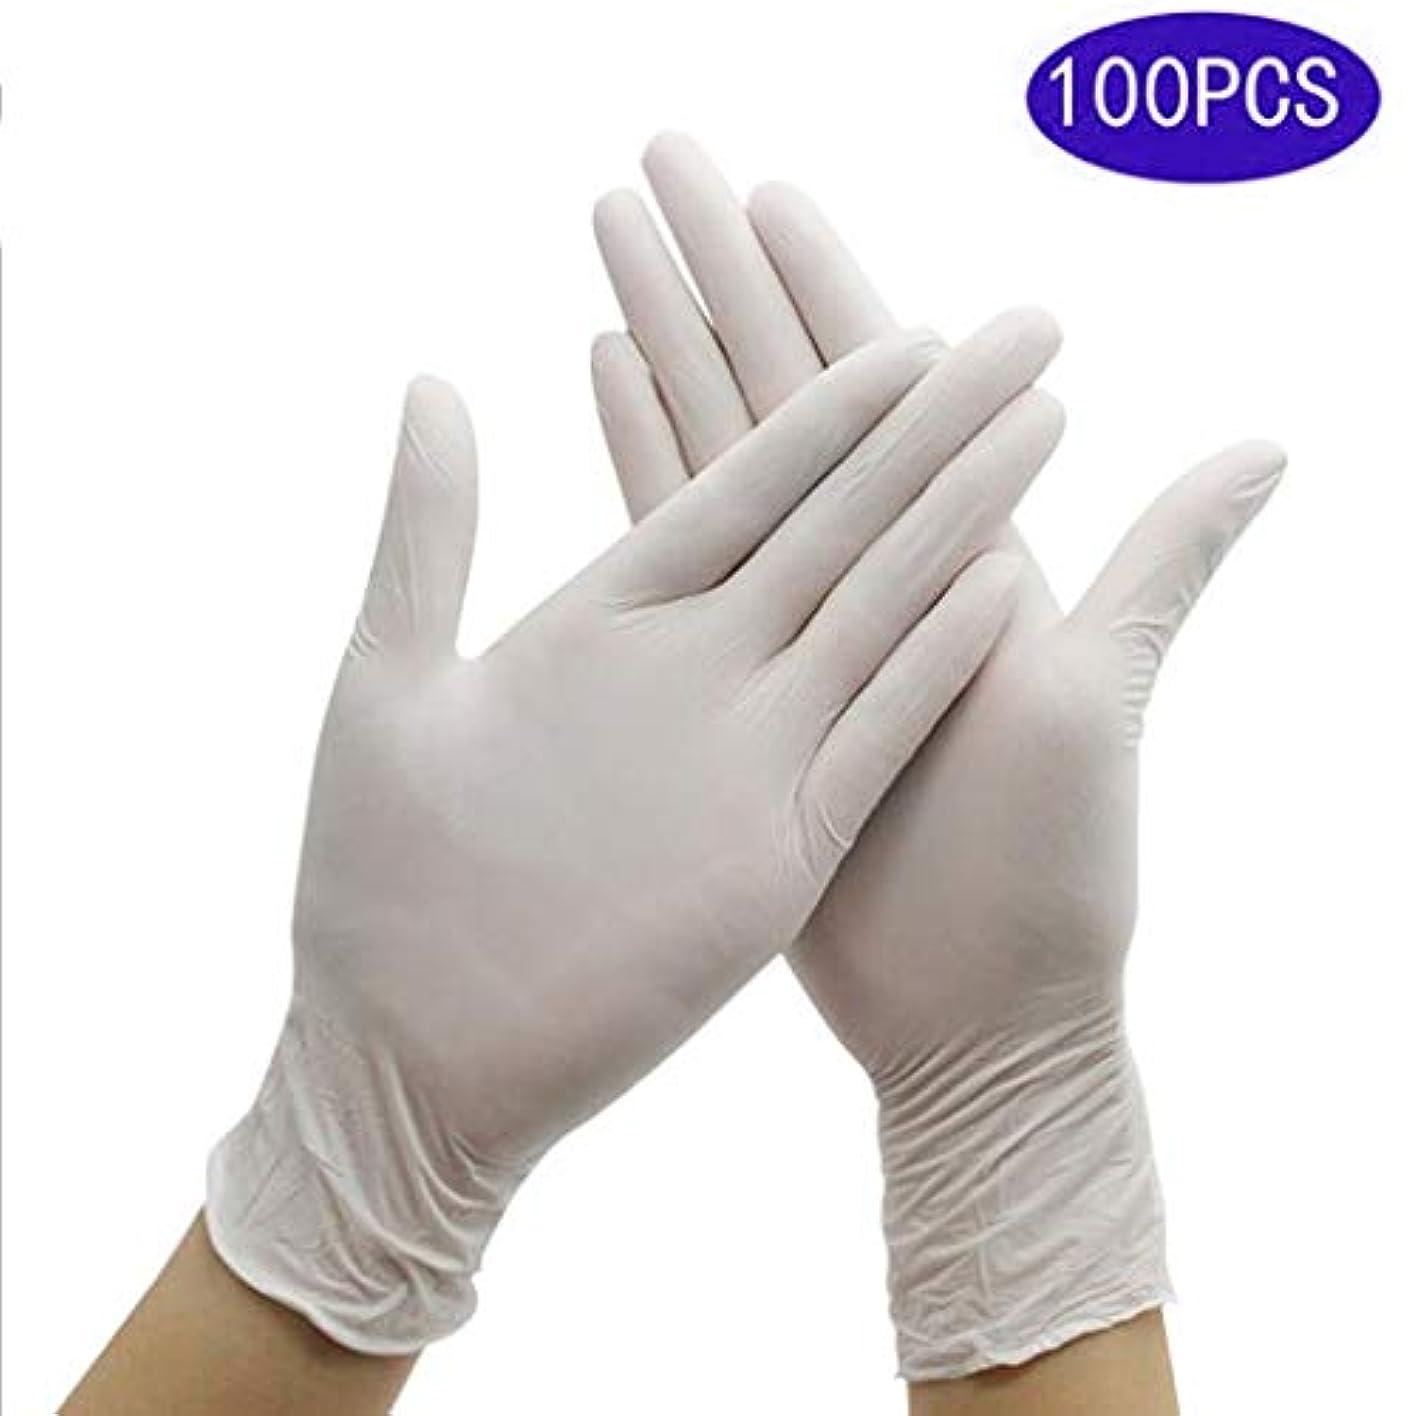 ファーザーファージュ漏れ身元ニトリル手袋使い捨て白ニトリル手袋、ケータリング、家庭の保護、食品グレードのゴム手袋デューティ検査用手袋|病院のための専門の等級 (Color : 9 inch, Size : L)